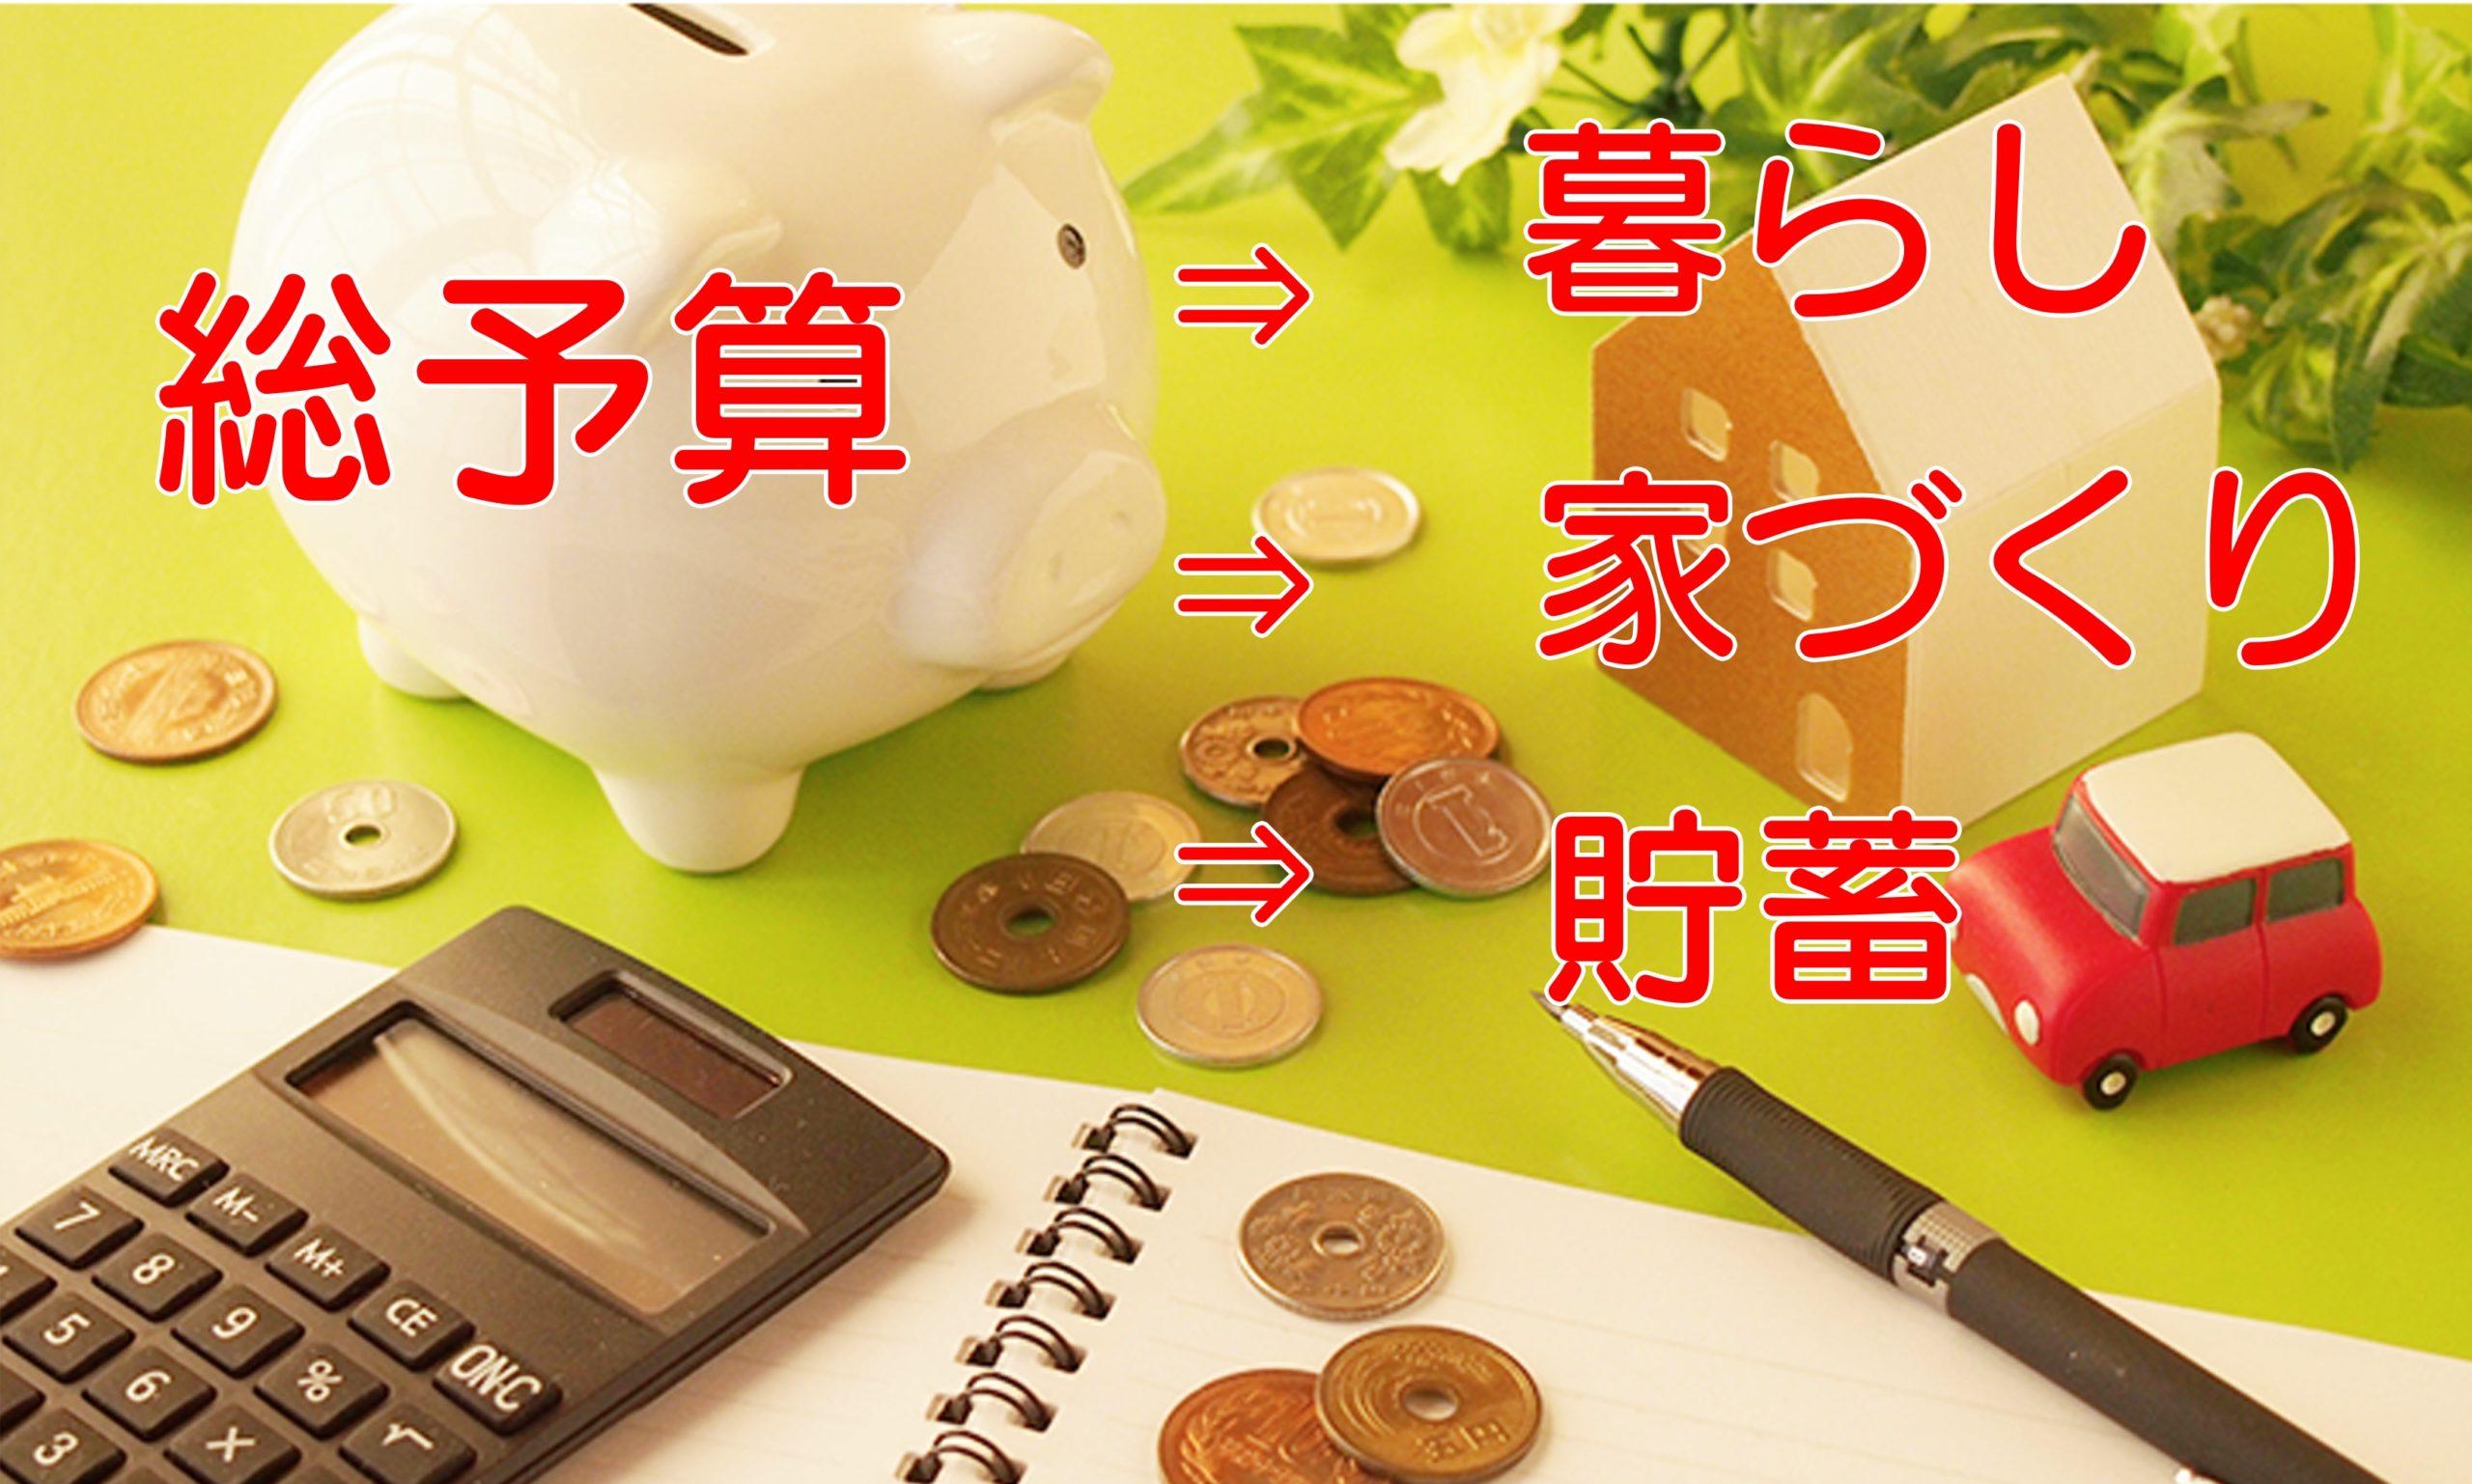 なぜ、資金計画が家づくりの最優先?理由とメリットやデメリット